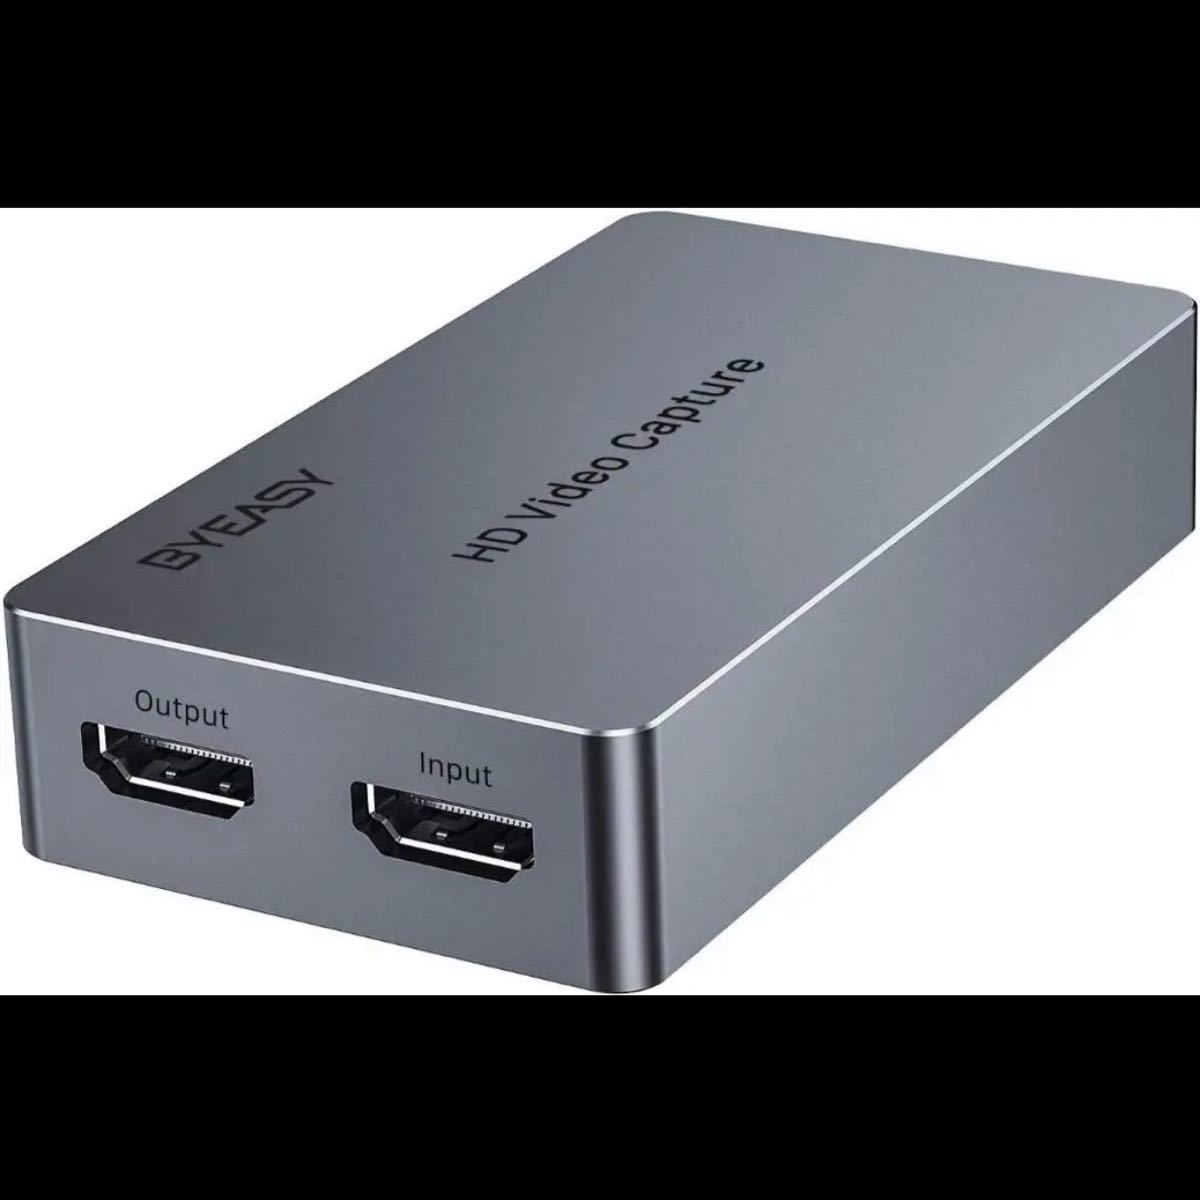 キャプチャーボード HDMI ビデオ USB パススルー キャプチャー カード 高速 ポート HDMI 変換アダプタ